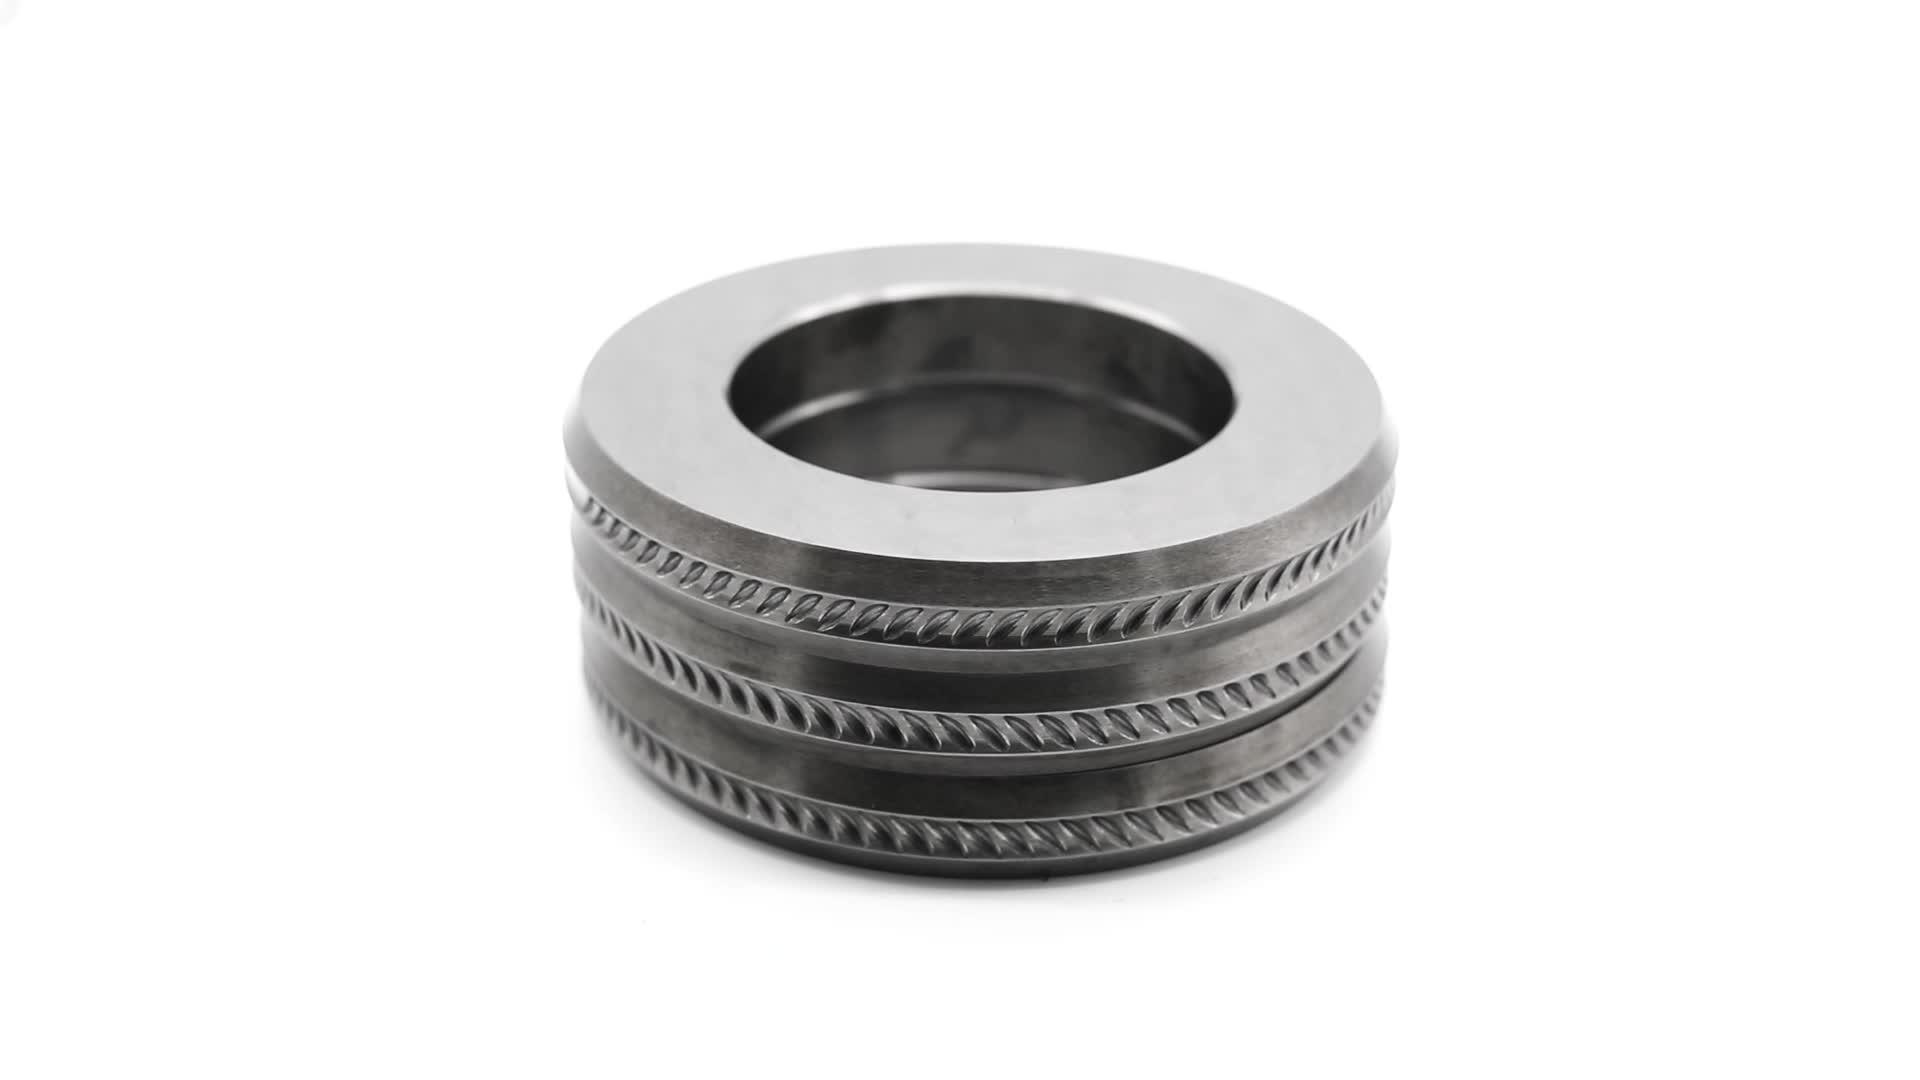 Thiết kế mới tungsten carbide con lăn với hình thành cuộn cho tấm kim loại